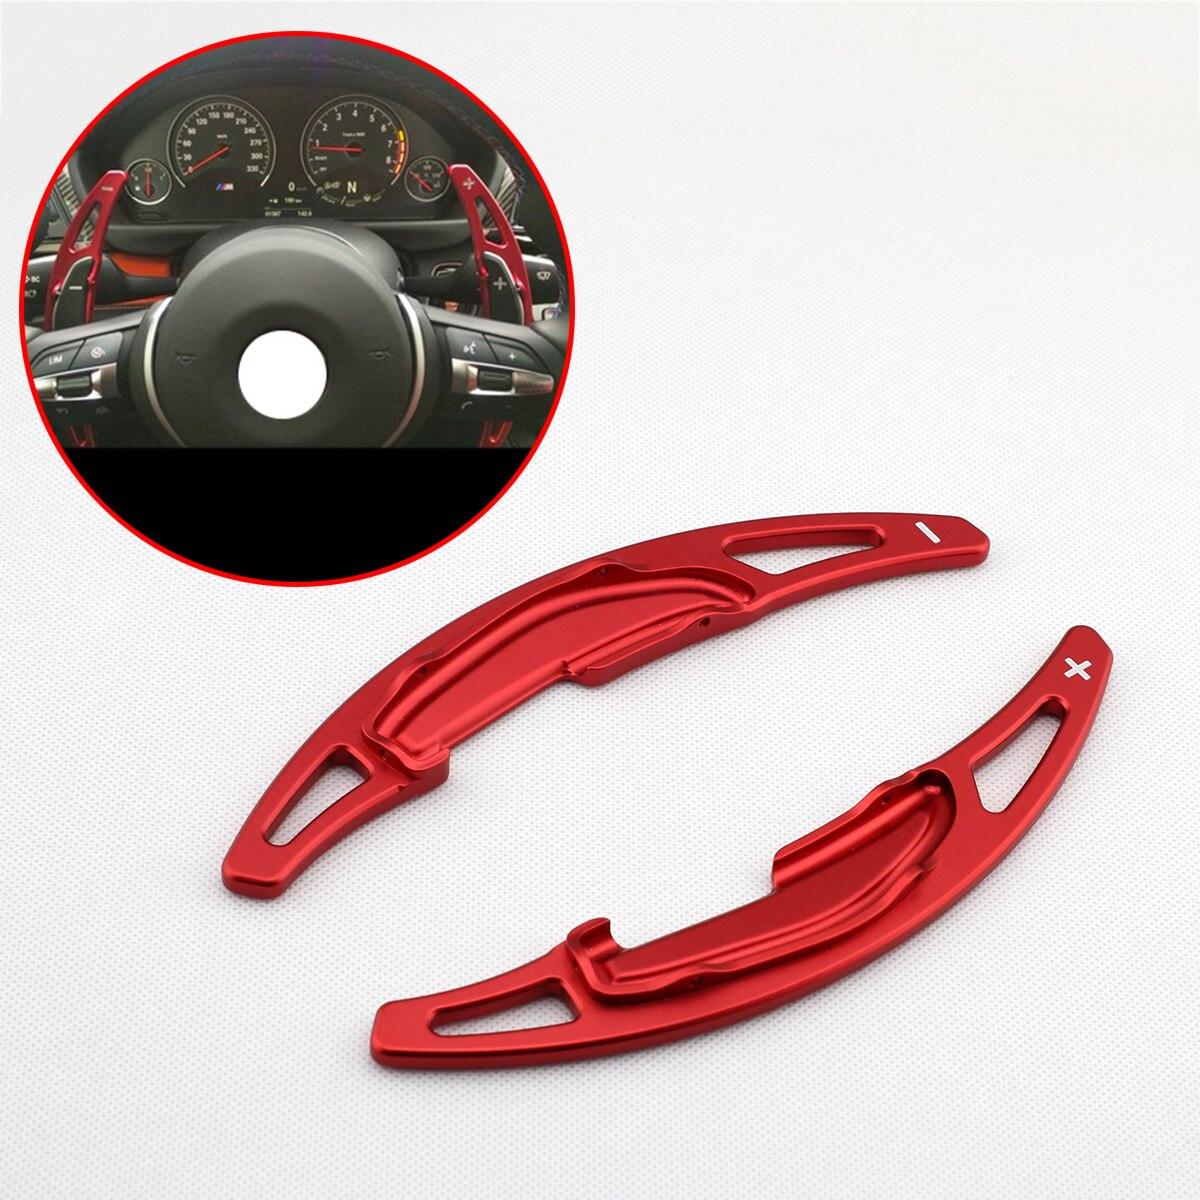 Décalage Paddle manette de vitesse volant DSG Fit Pour BMW M2 M3 M5 M6 X5M X6M F80 F82 F10 F85 ACCESSOIRES